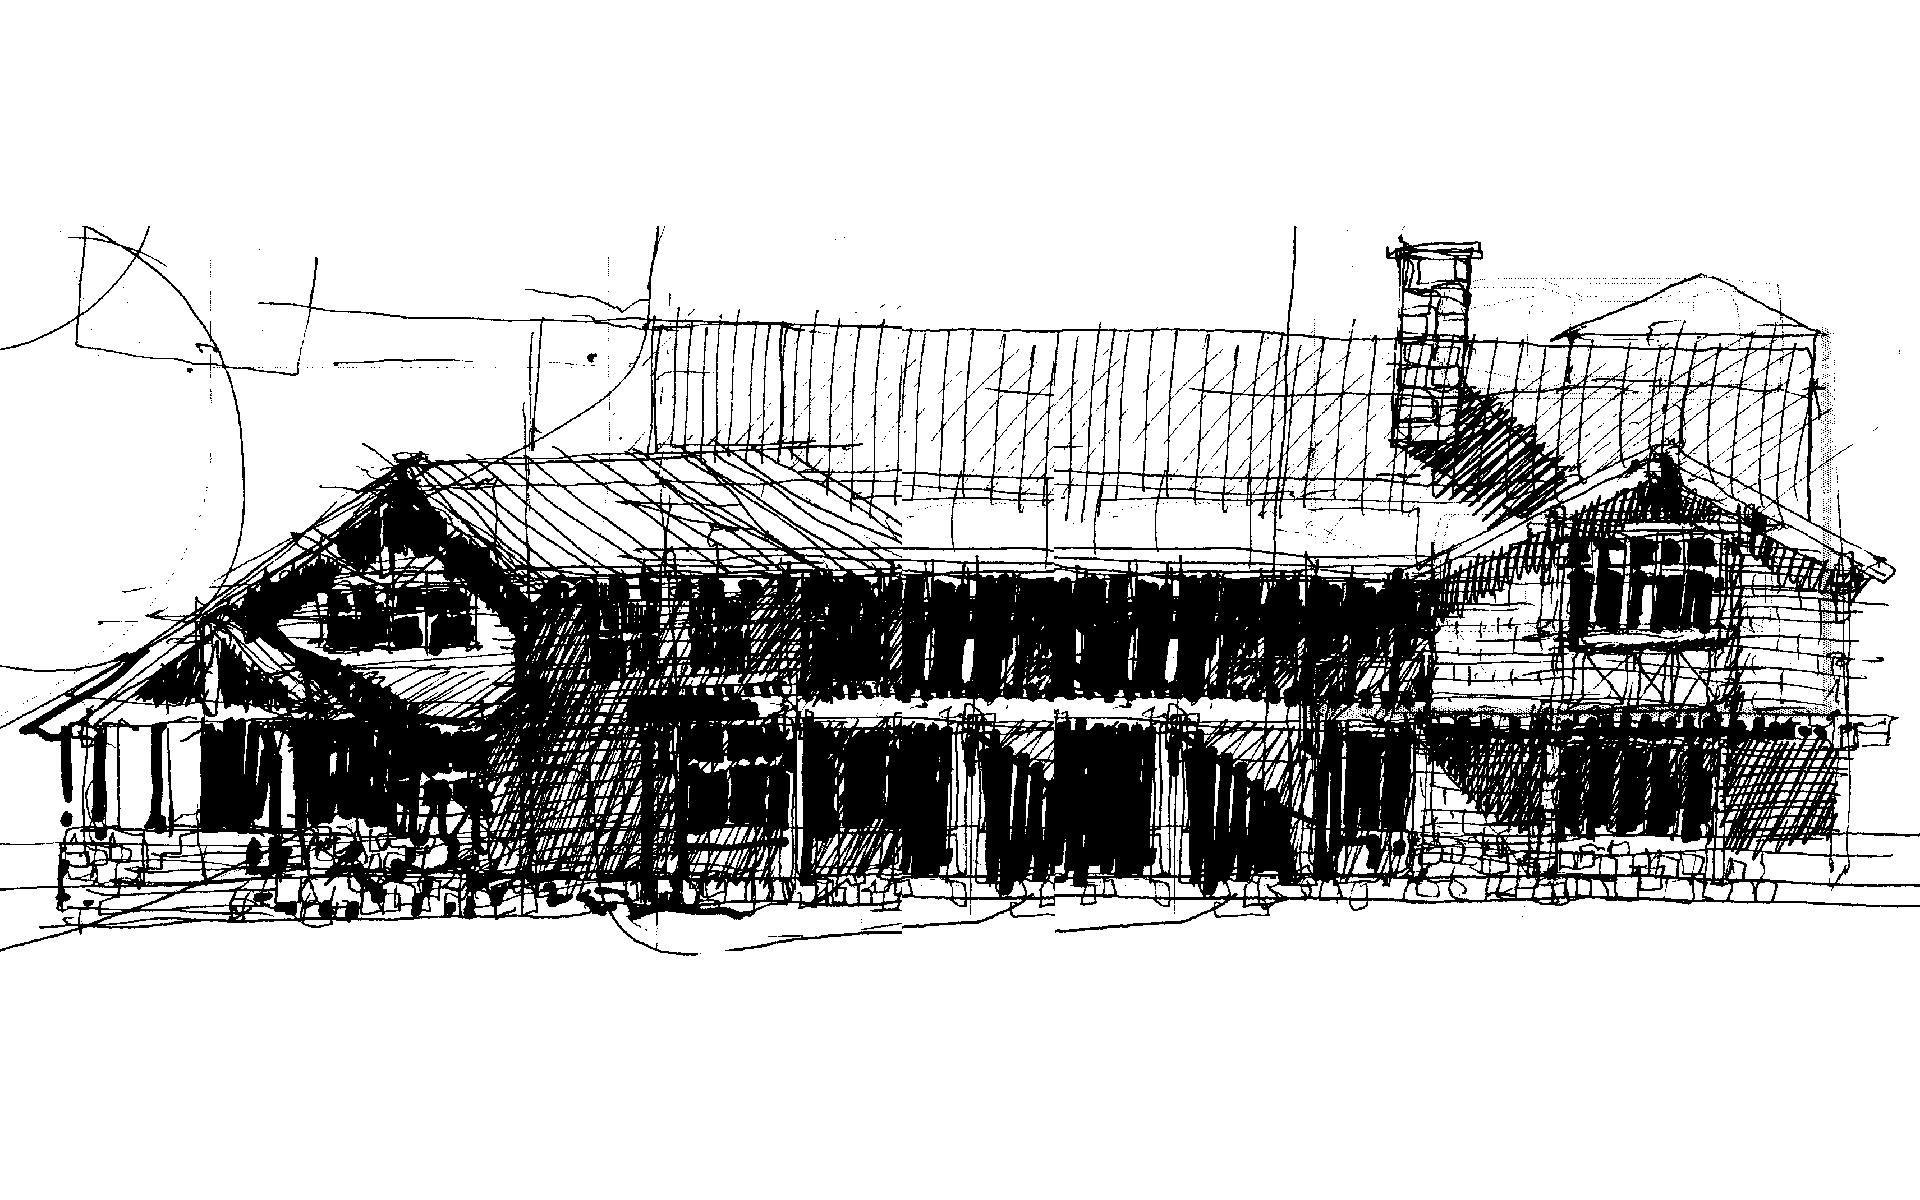 West Elevation Sketch